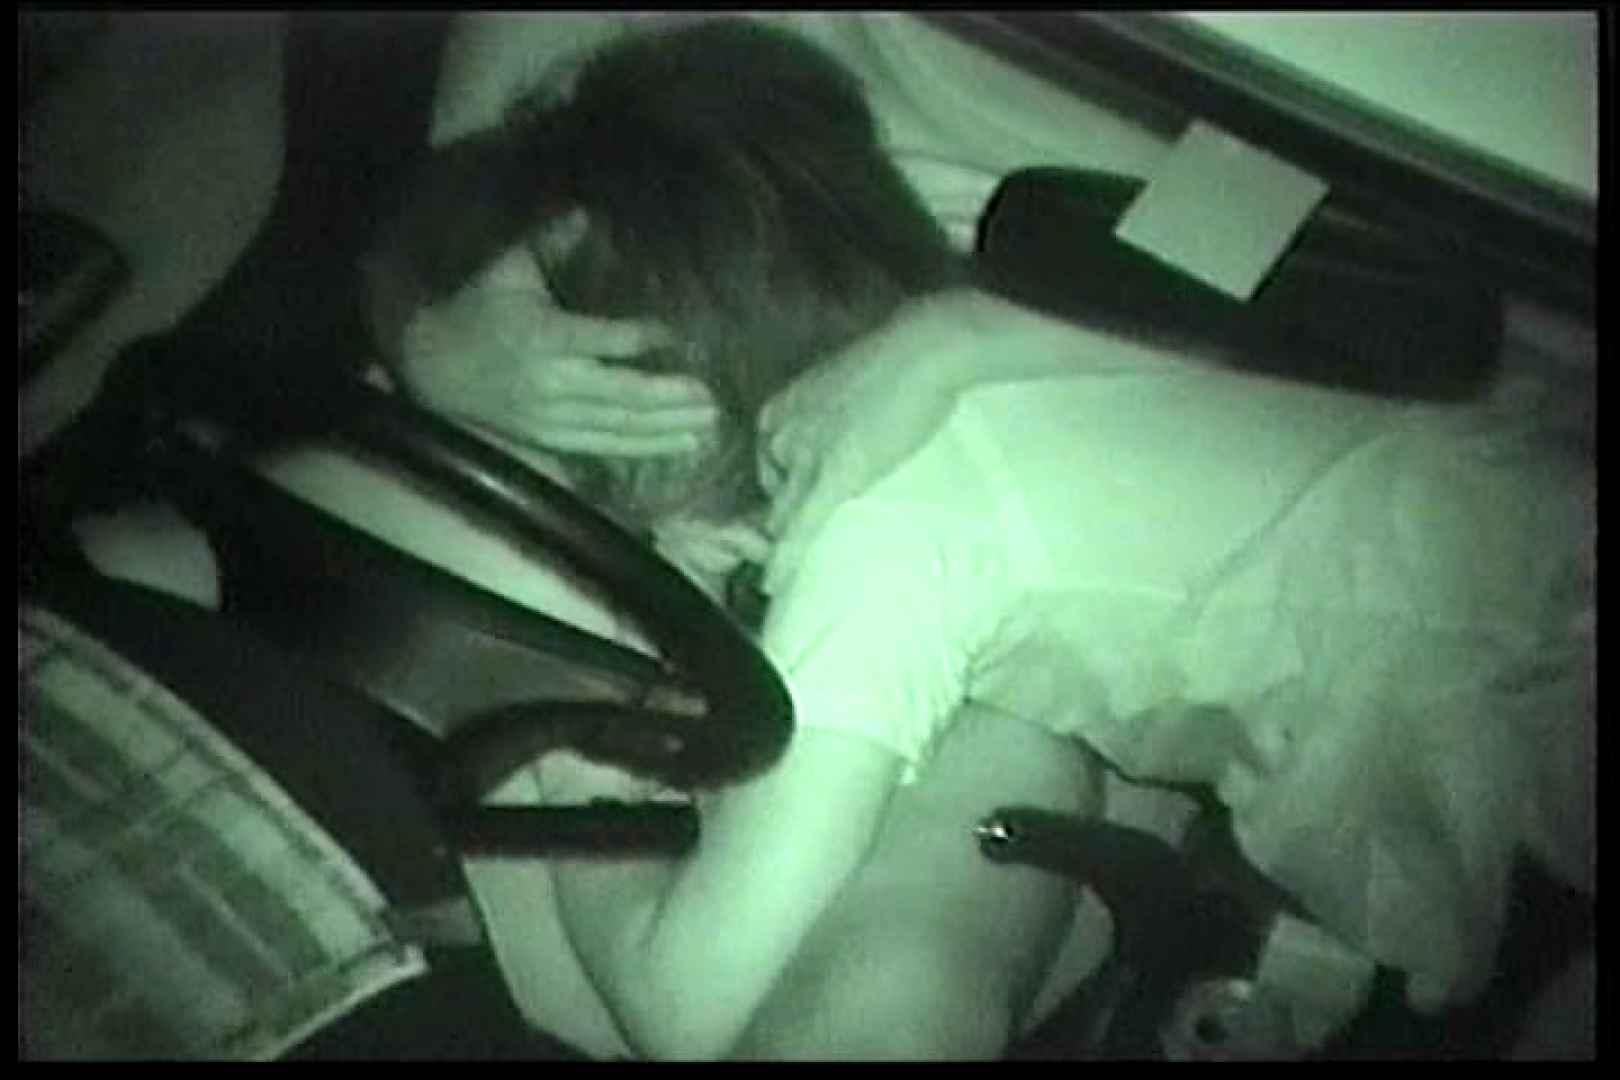 車の中はラブホテル 無修正版  Vol.11 すけべなOL ヌード画像 86画像 58